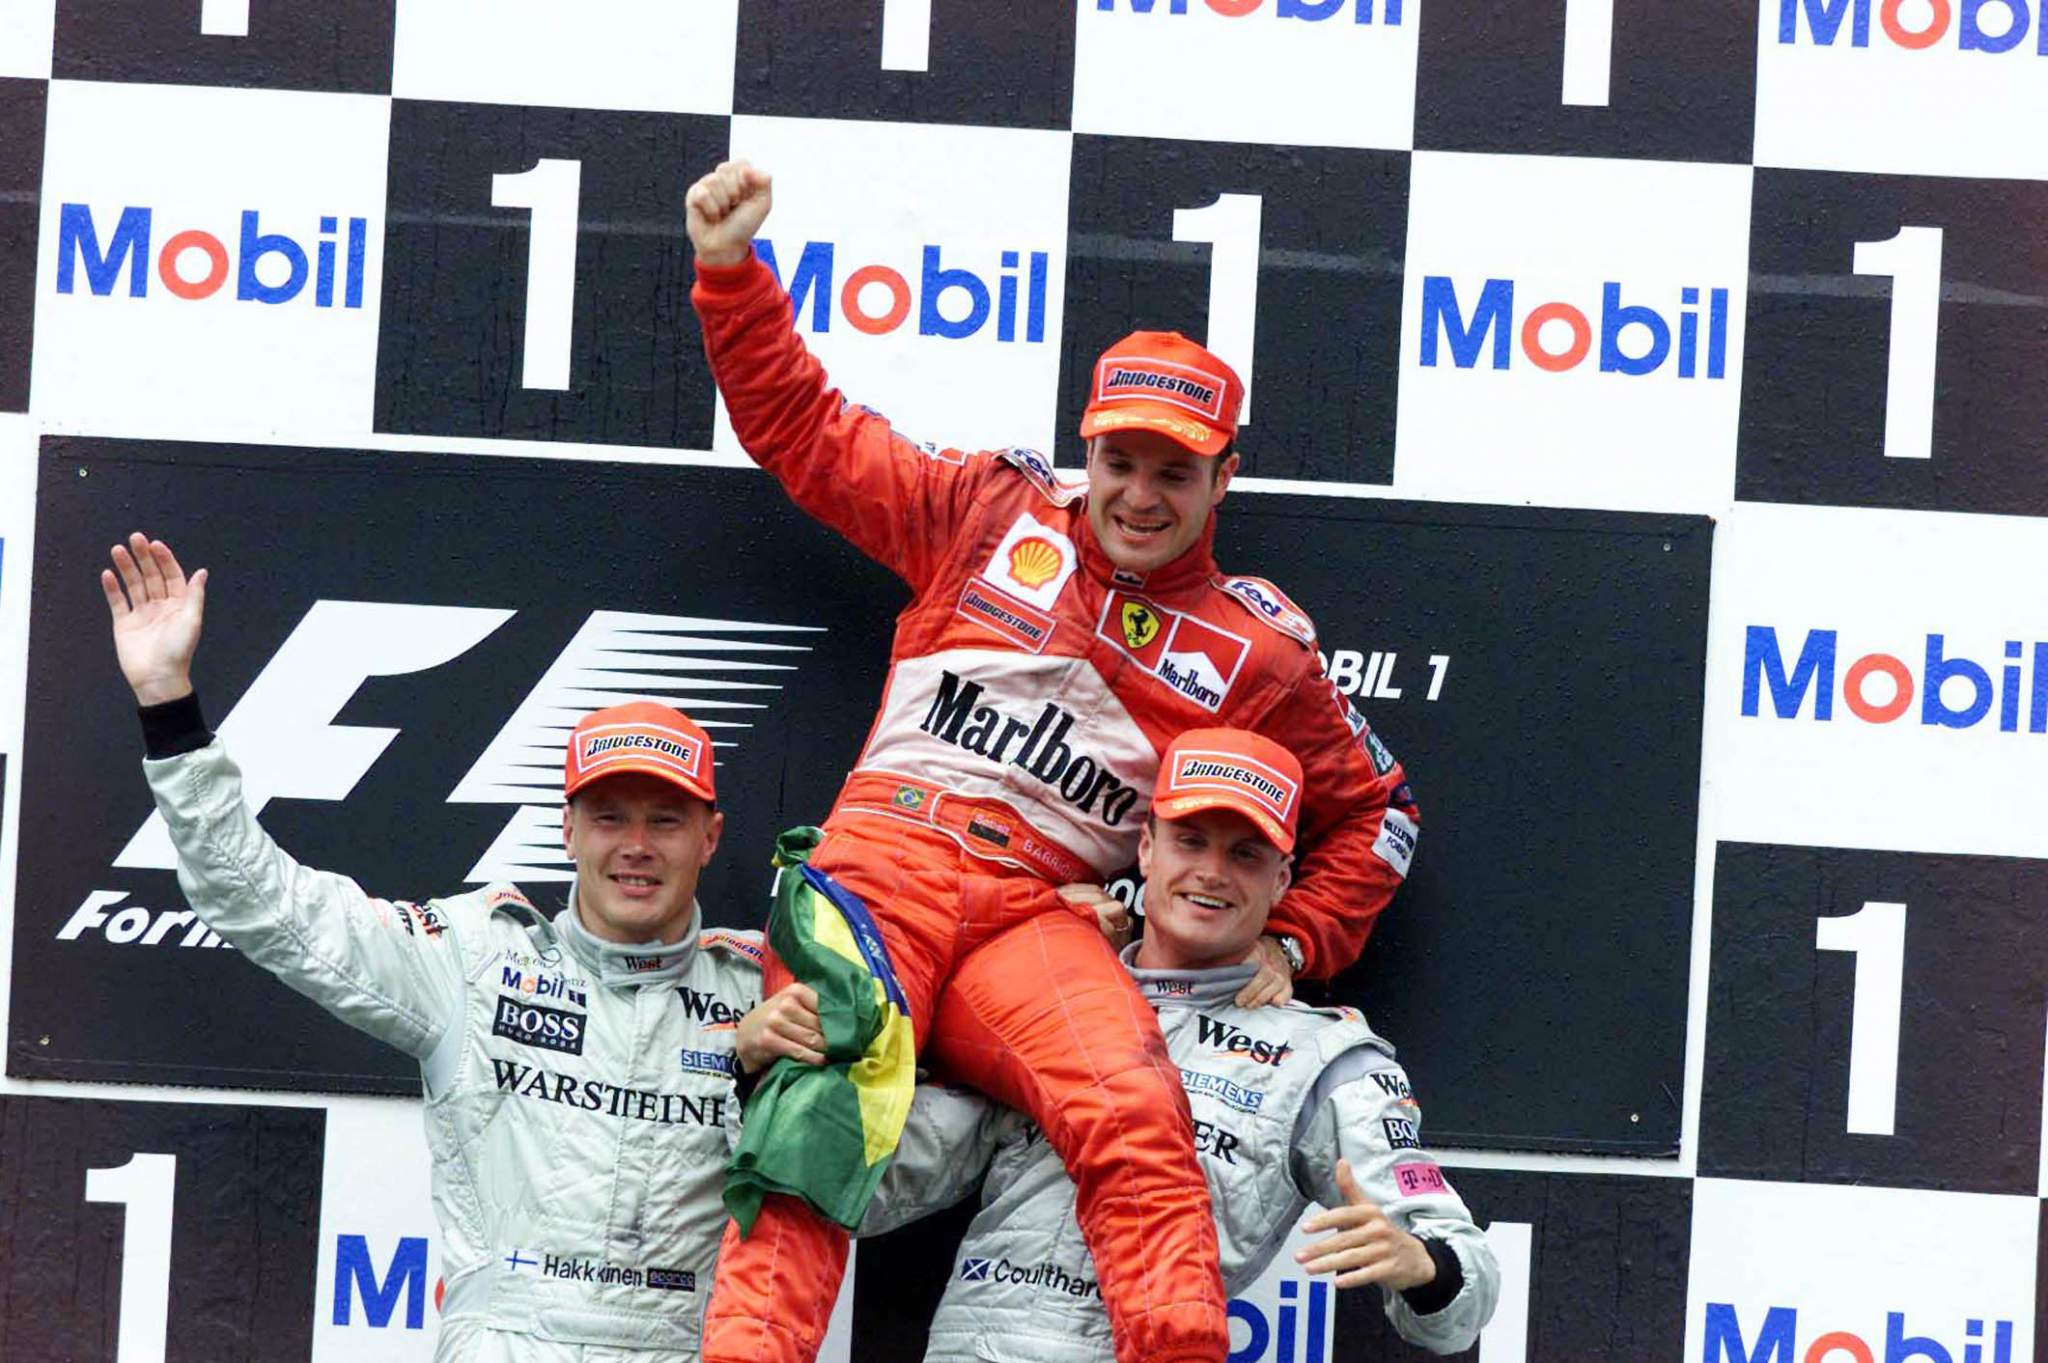 Mika Hakkinen, Mclaren, Rubens Barrichello, Ferrari Und David Coulthard, Ferrari Heute Auf Dem Podium In Hockenheim